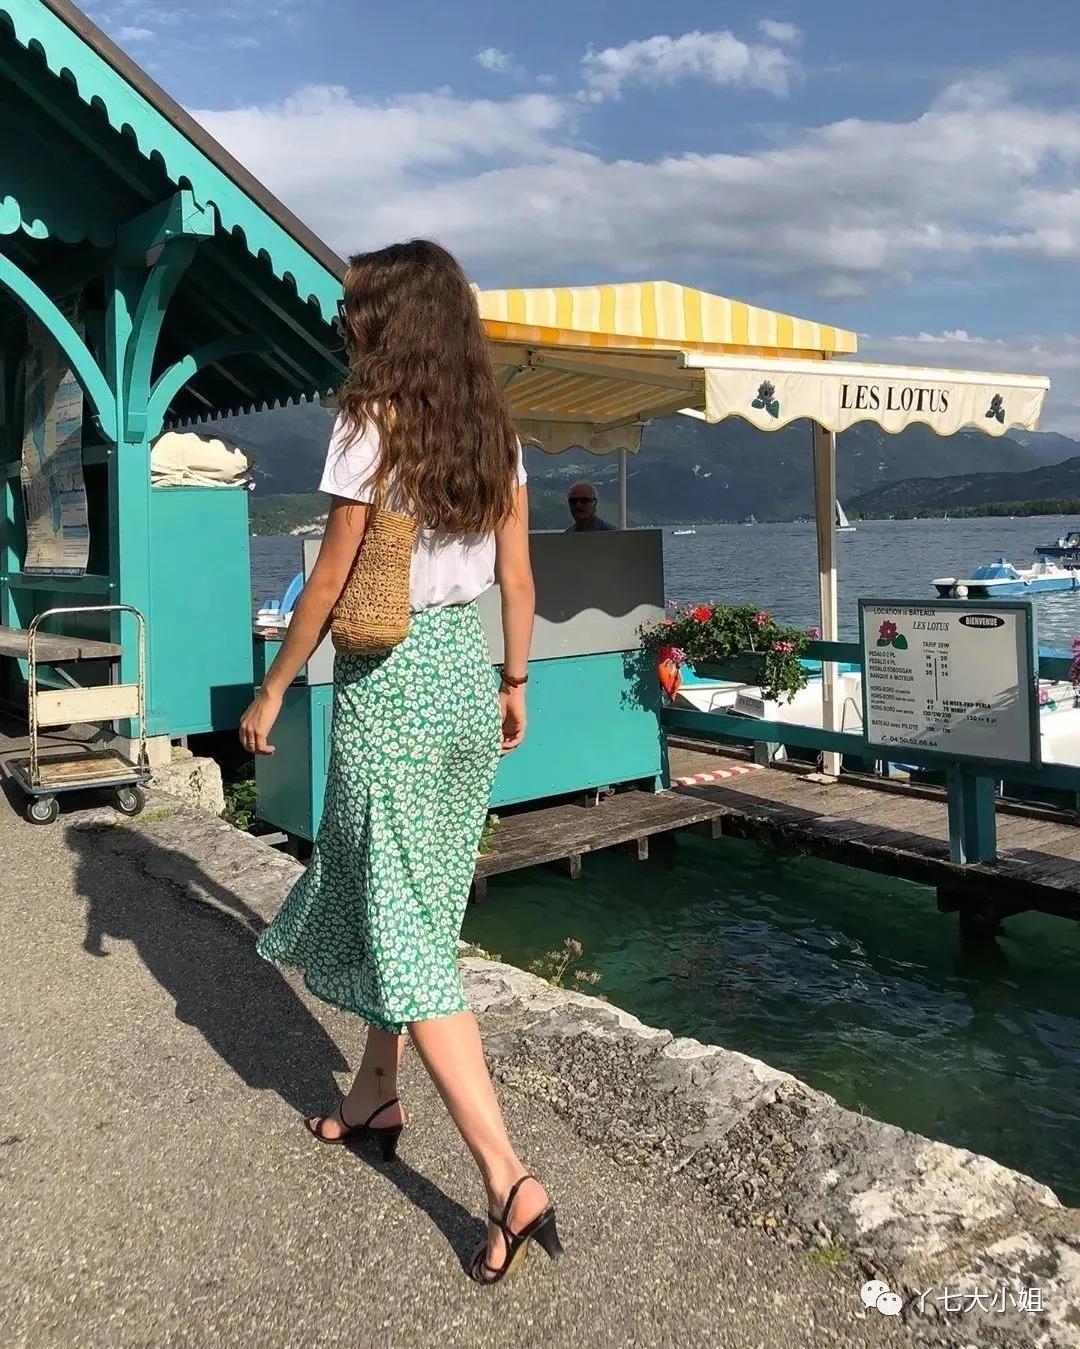 Với công thức 'đơn giản hết cỡ' gồm áo thun trắng + chân váy hoa nhí và sandal gót thô là các nàng trông đã thật trẻ trung, xinh tươi và tất nhiên, độ sành điệu là không thể phủ nhận thêm 1 chiếc túi cói nữa là nàng nào nàng nấy trông cũng như fashionista thứ thiệt